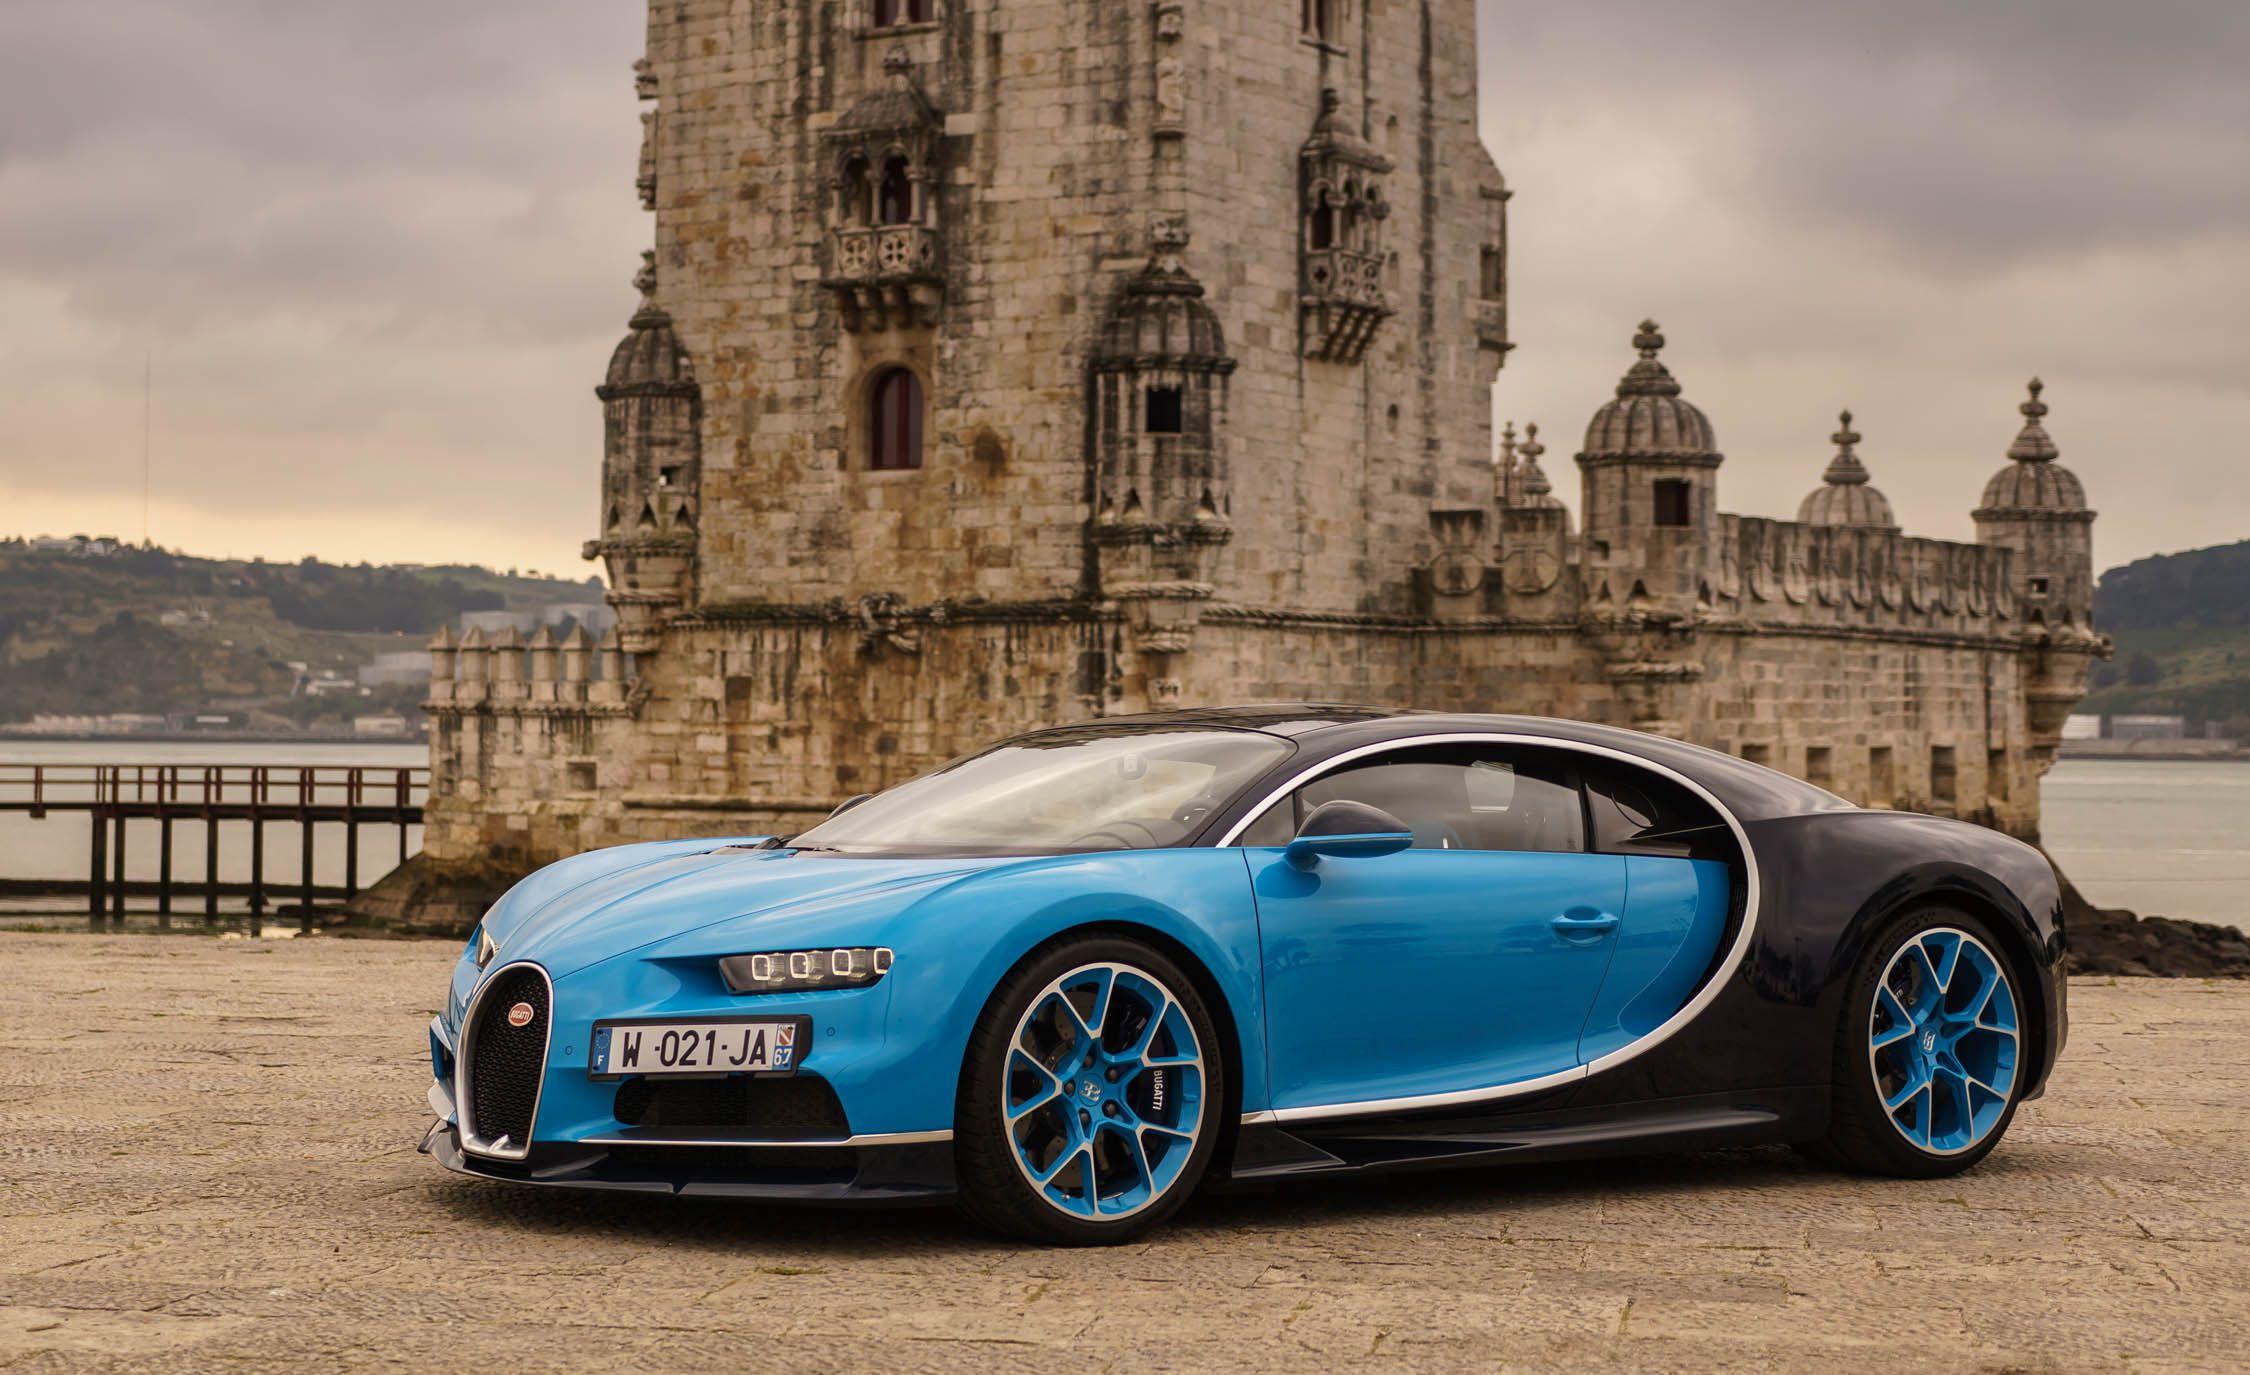 بالصور سيارة فخمه جدا , هذه هي السيارة الافخم على الاطلاق unnamed file 6